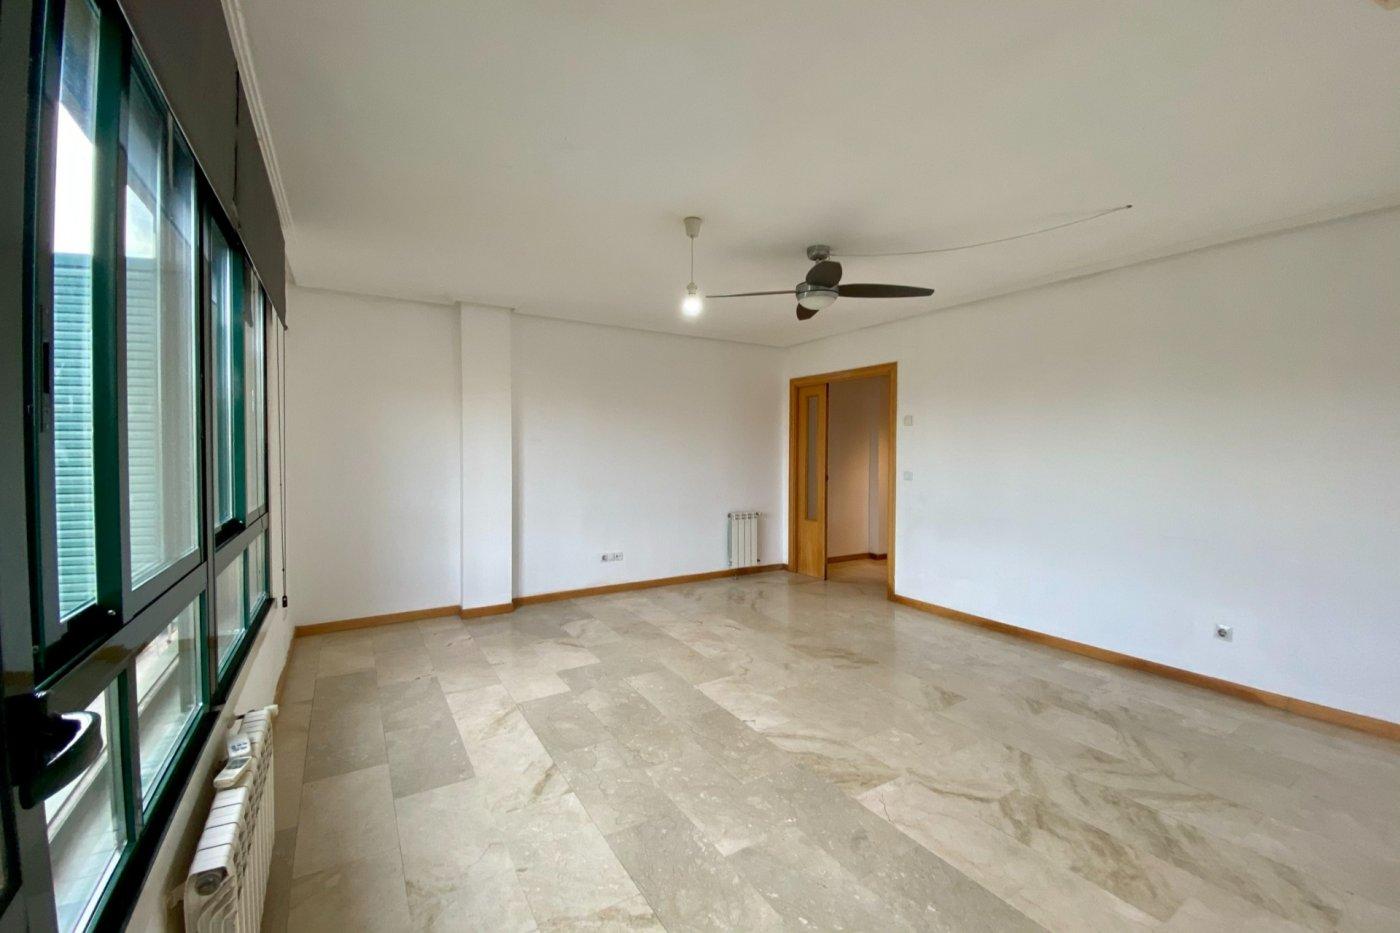 Piso sin muebles de 105 m² de superficie en zona residencial de son cotoner, palma de mall - imagenInmueble1